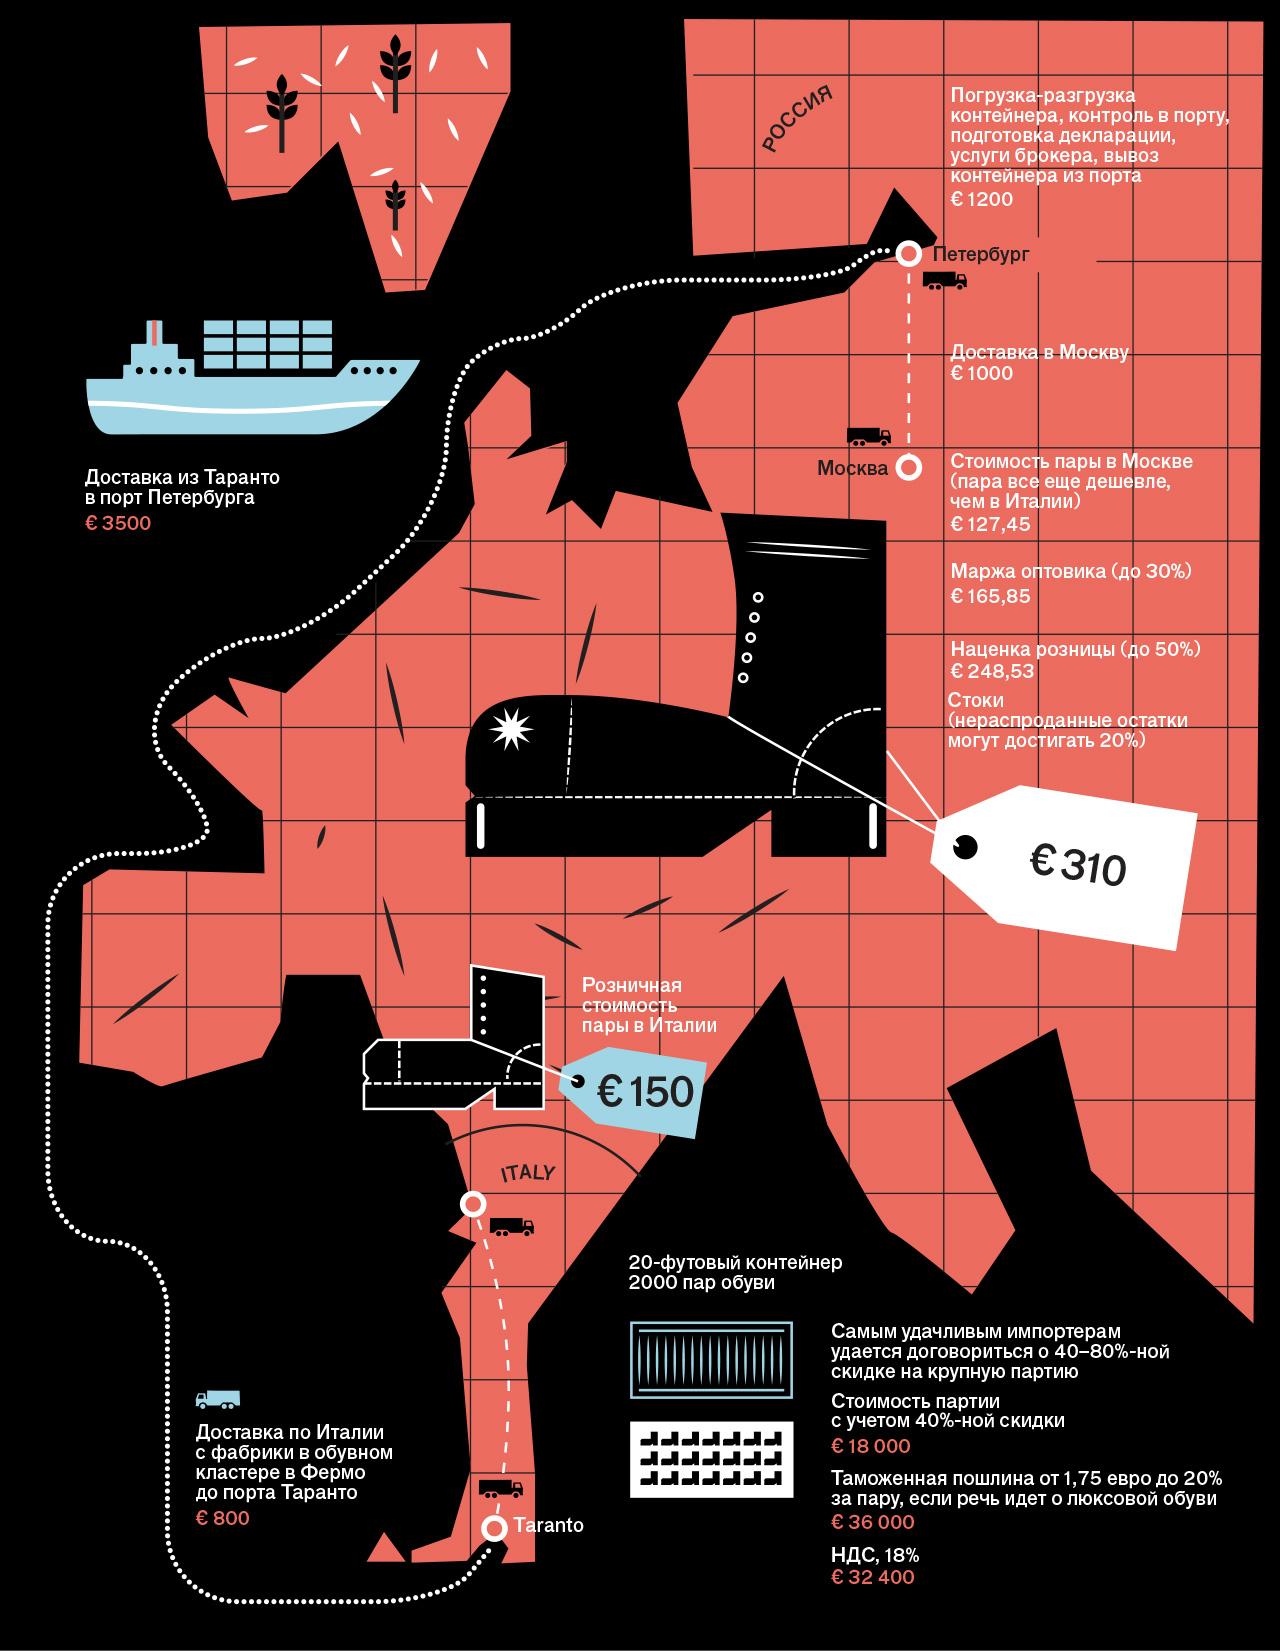 Почему обувь в торговом центре стоит в 2 раза дороже, чем в стране производства